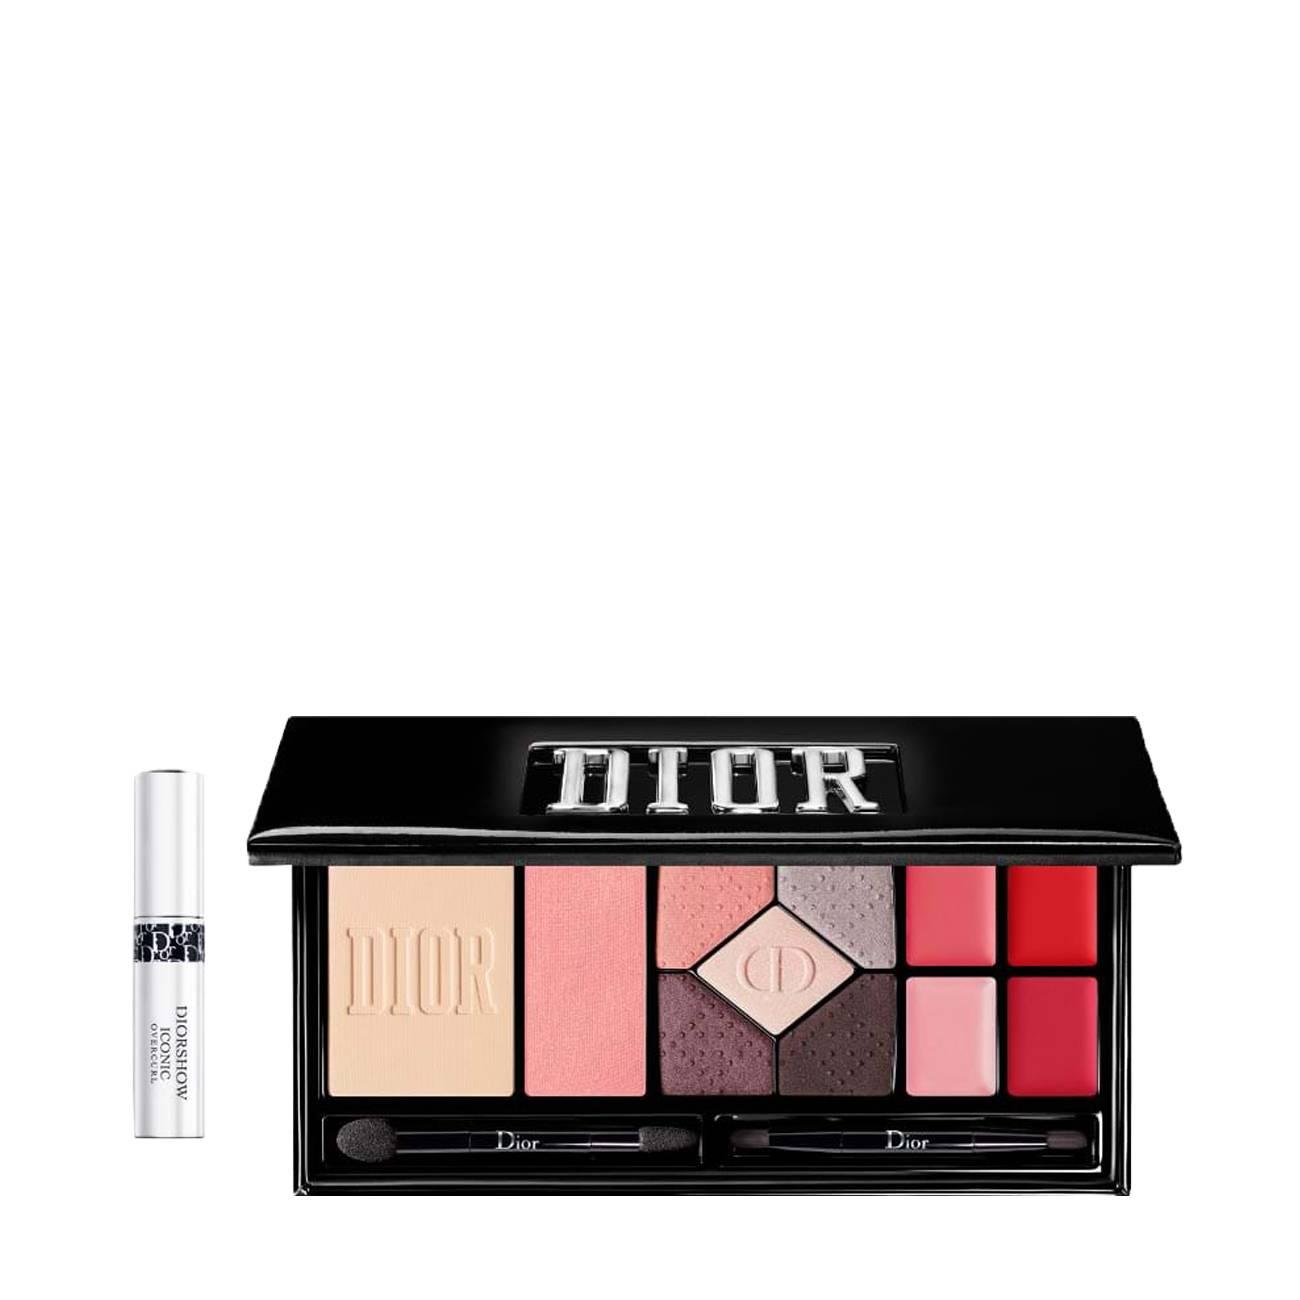 Make-Up Set 18.50gr Dior imagine 2021 bestvalue.eu